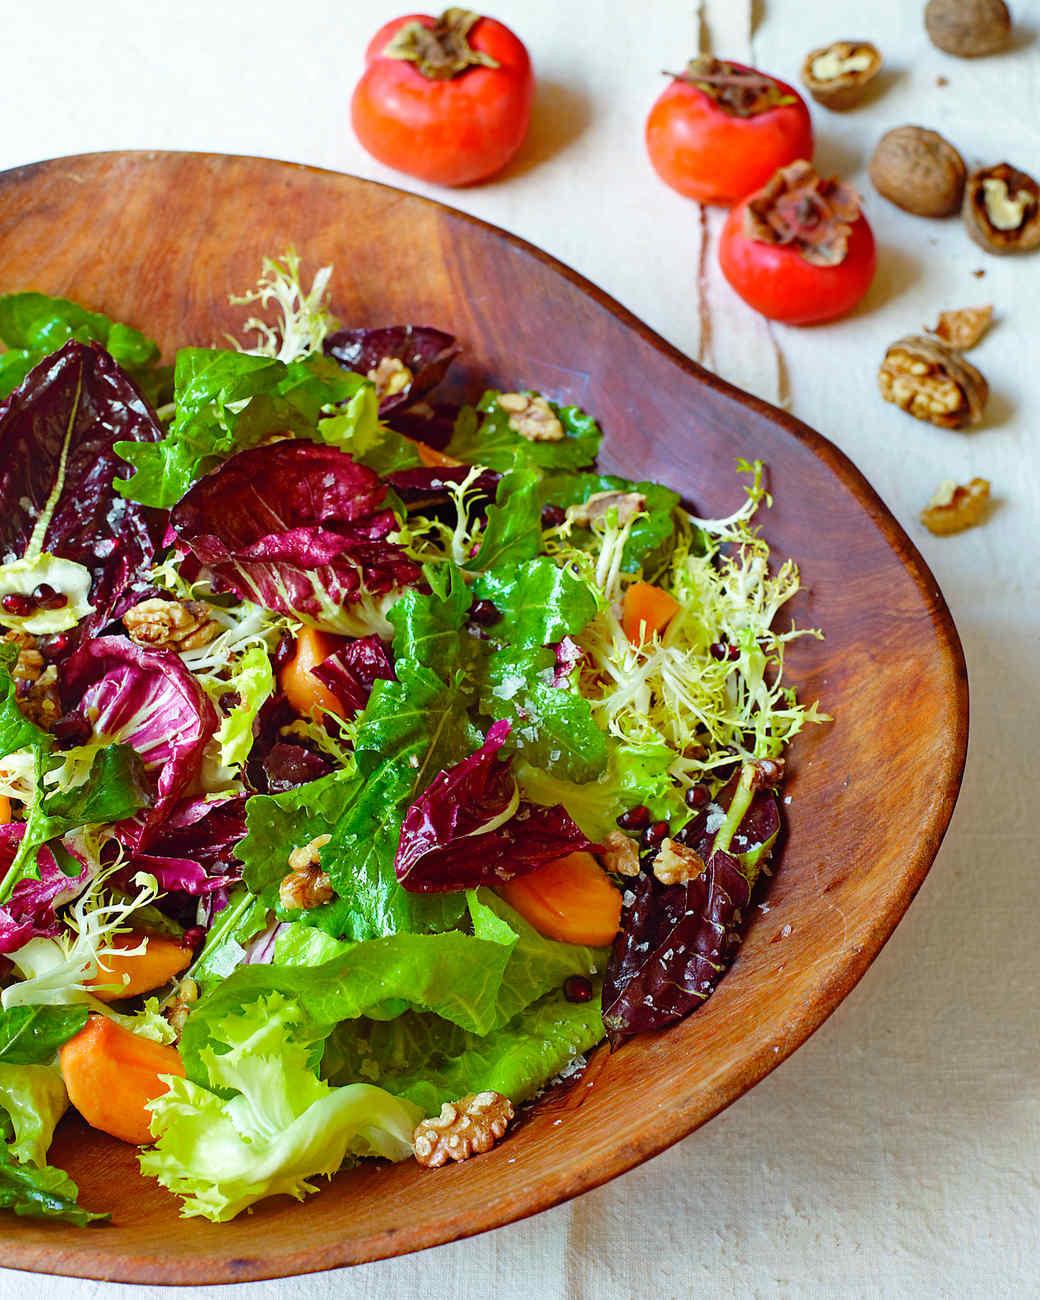 Salad For Thanksgiving Dinner  Thanksgiving Salad Recipes